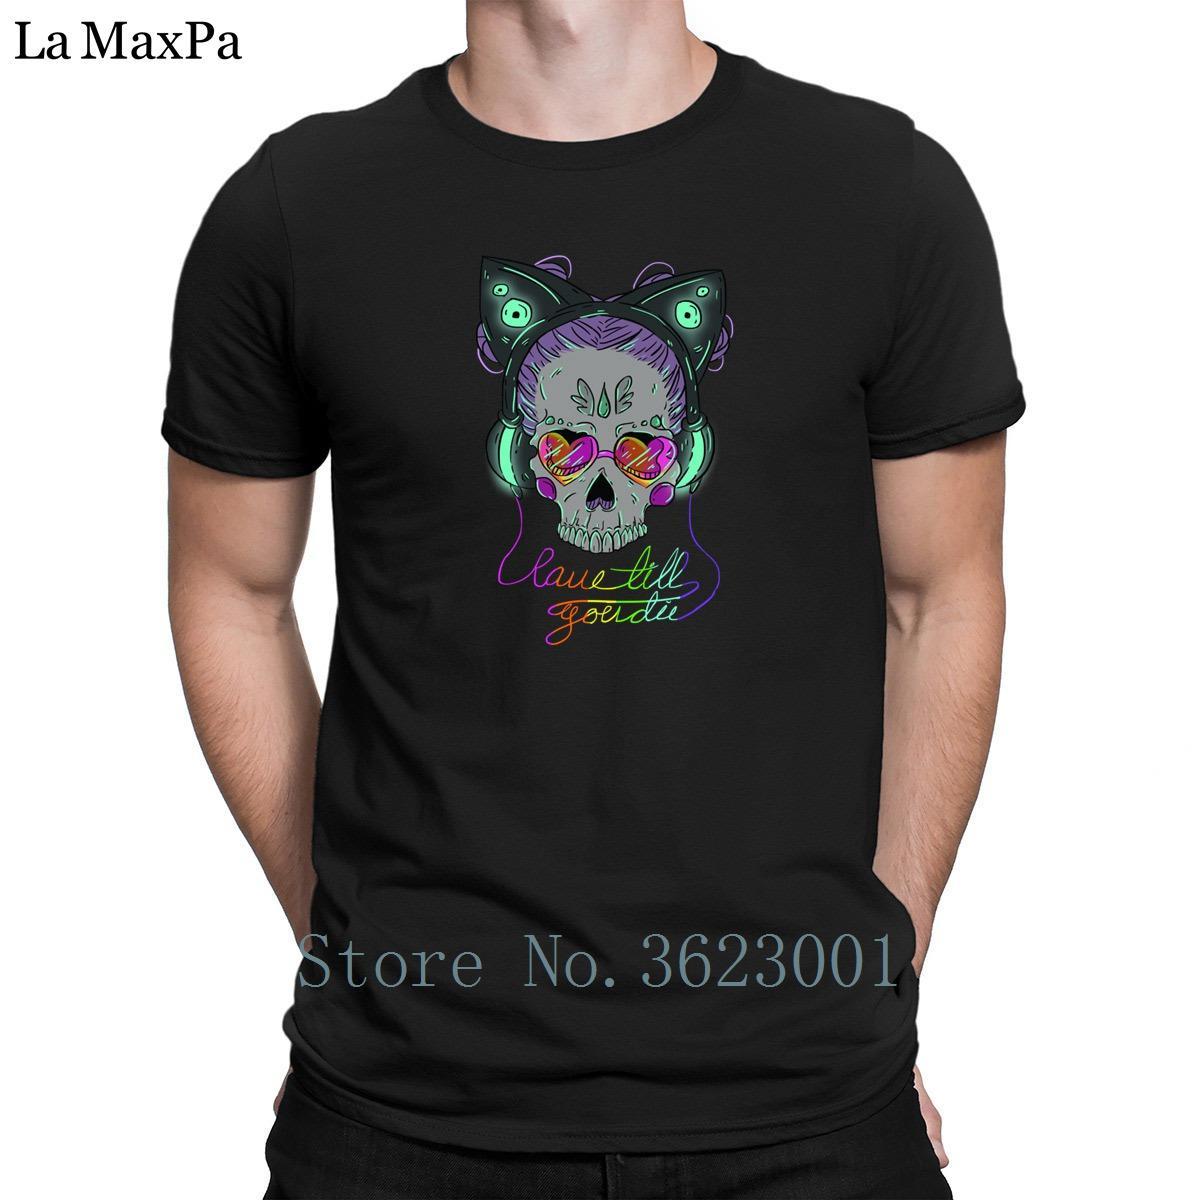 Nueva criatura Camiseta del delirio hasta que mueren camiseta para hombre de la ropa de la familia camiseta para hombre del famoso camiseta Family Man más el tamaño